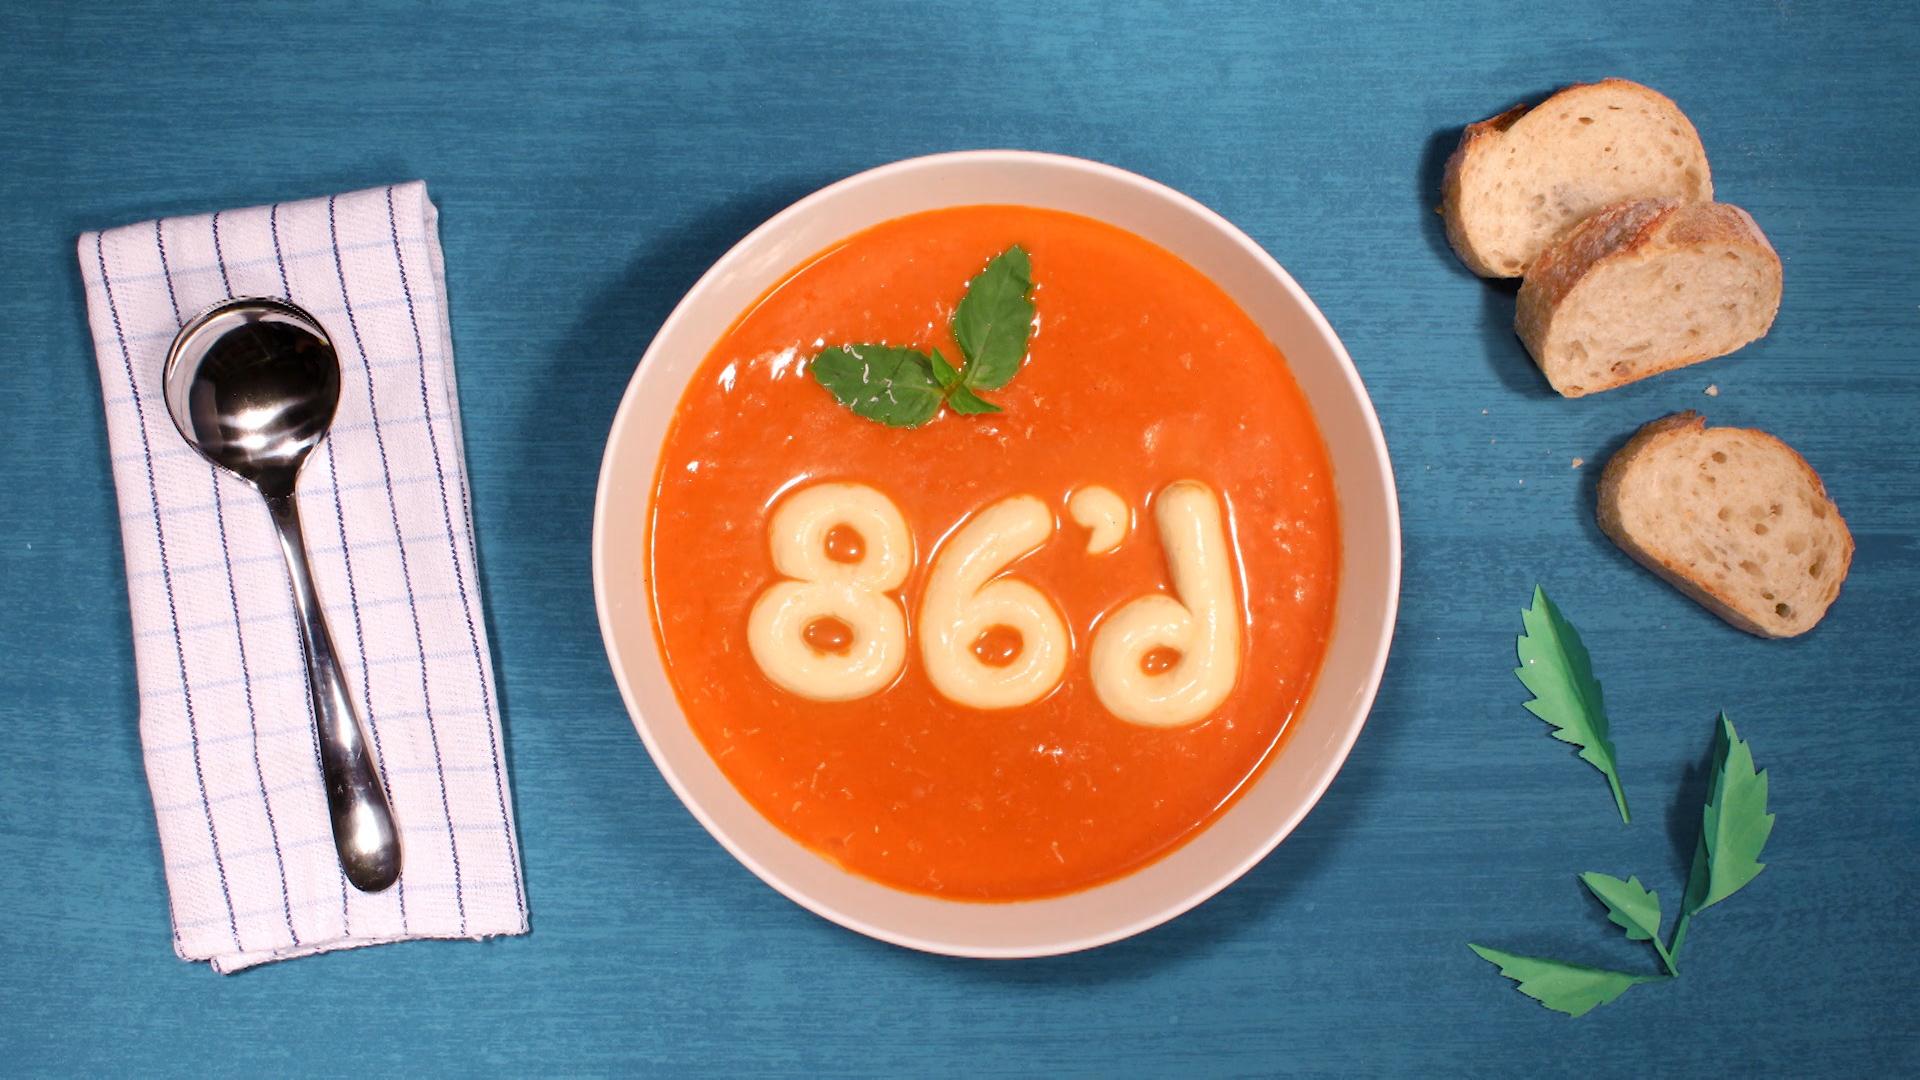 86d.jpg